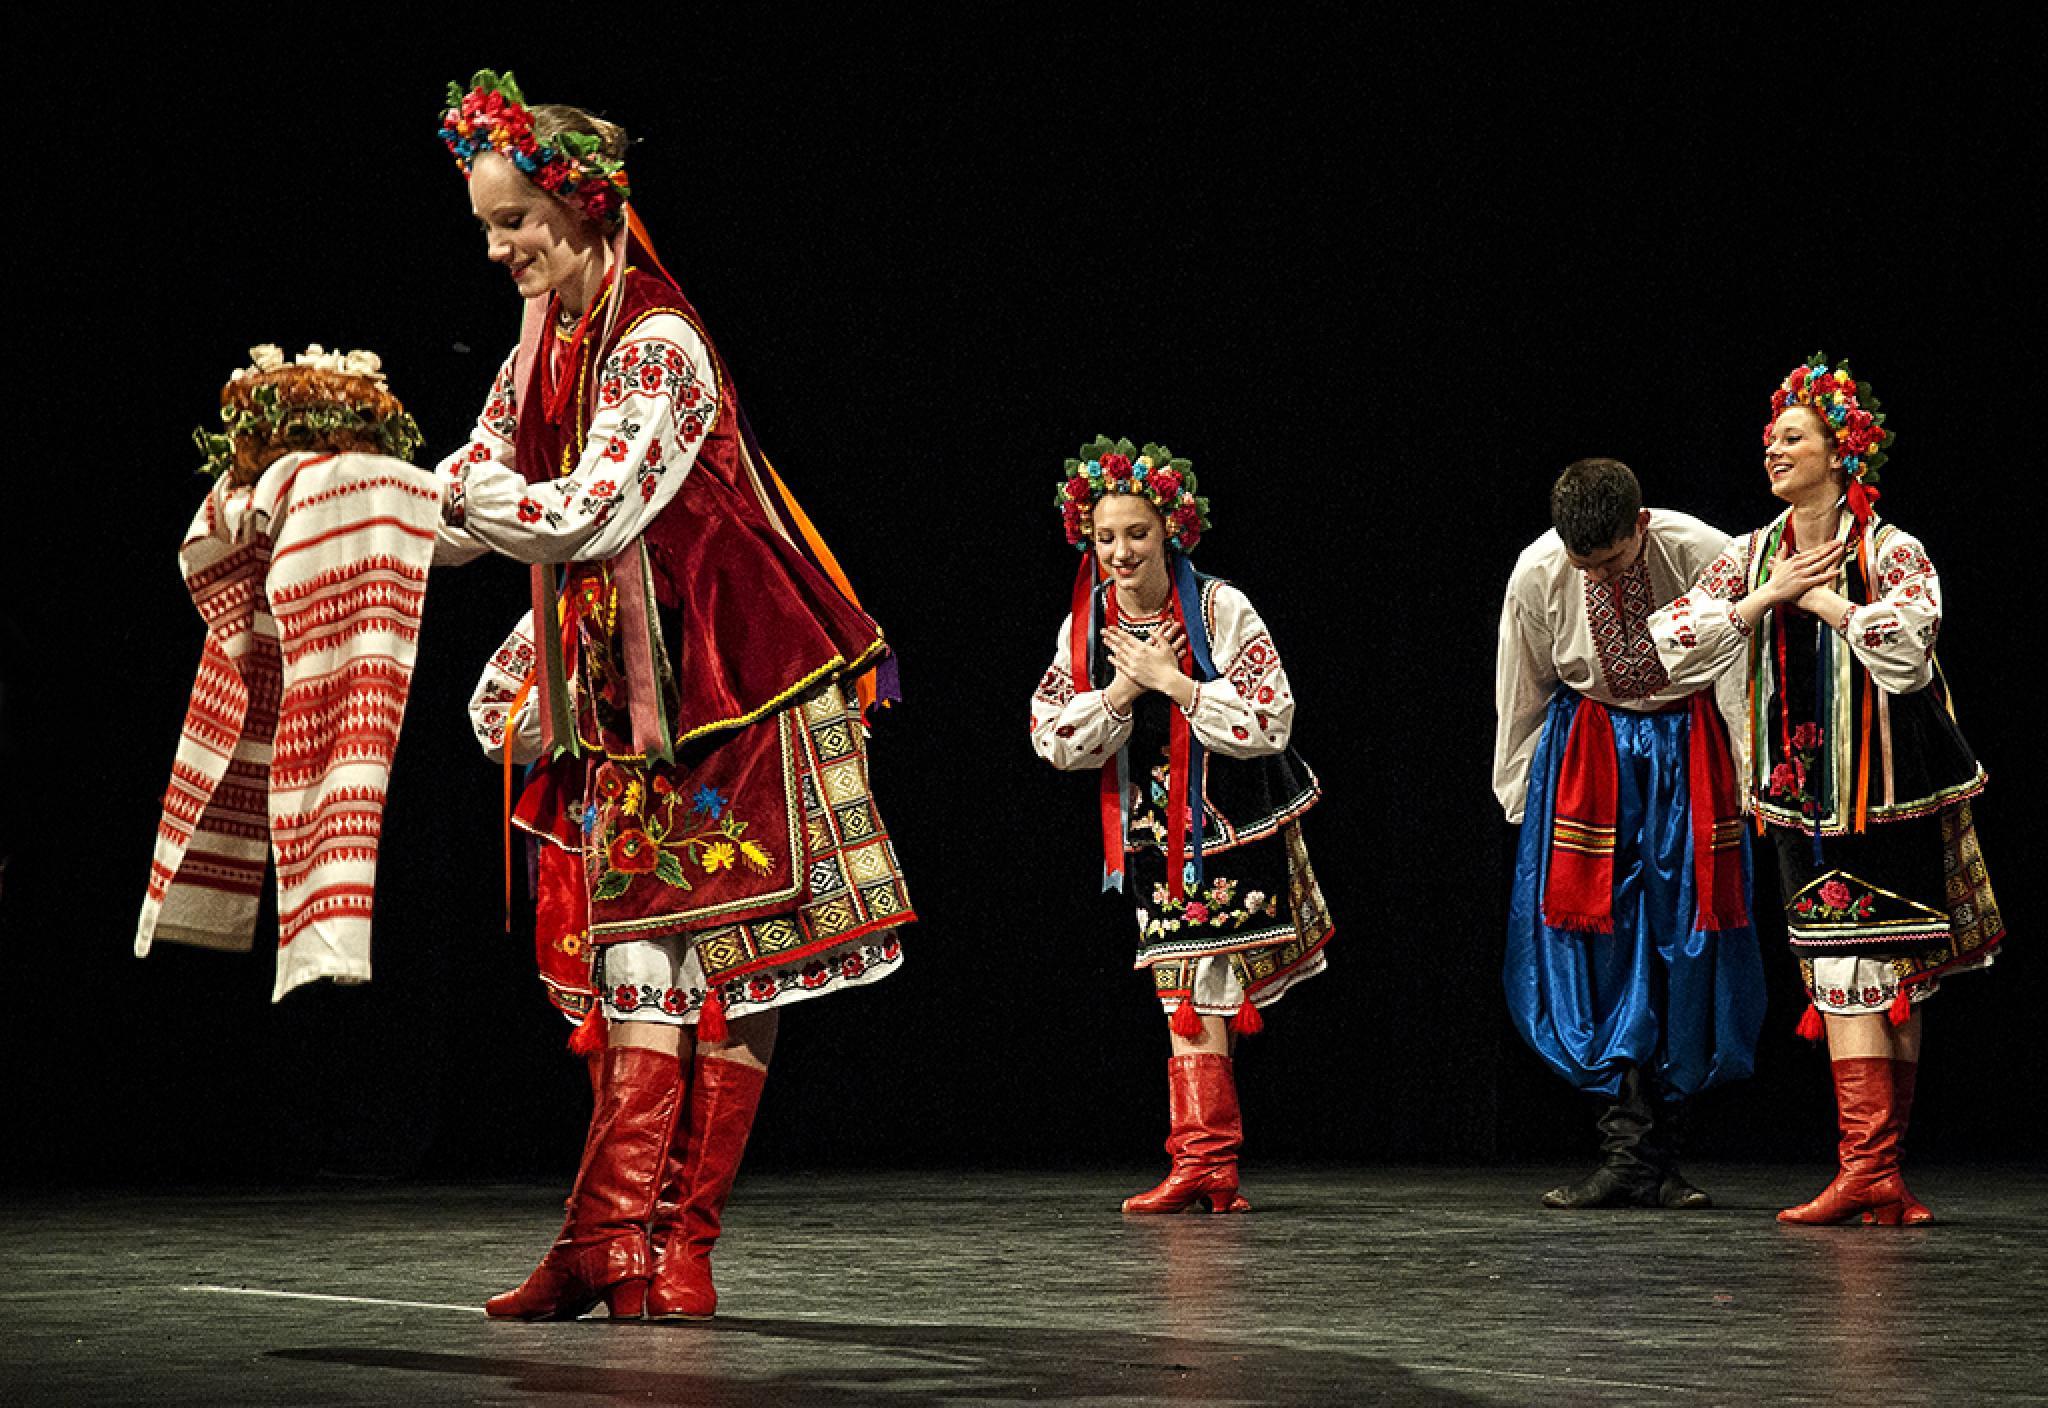 Ukrainian dancers by michael.krochta.3